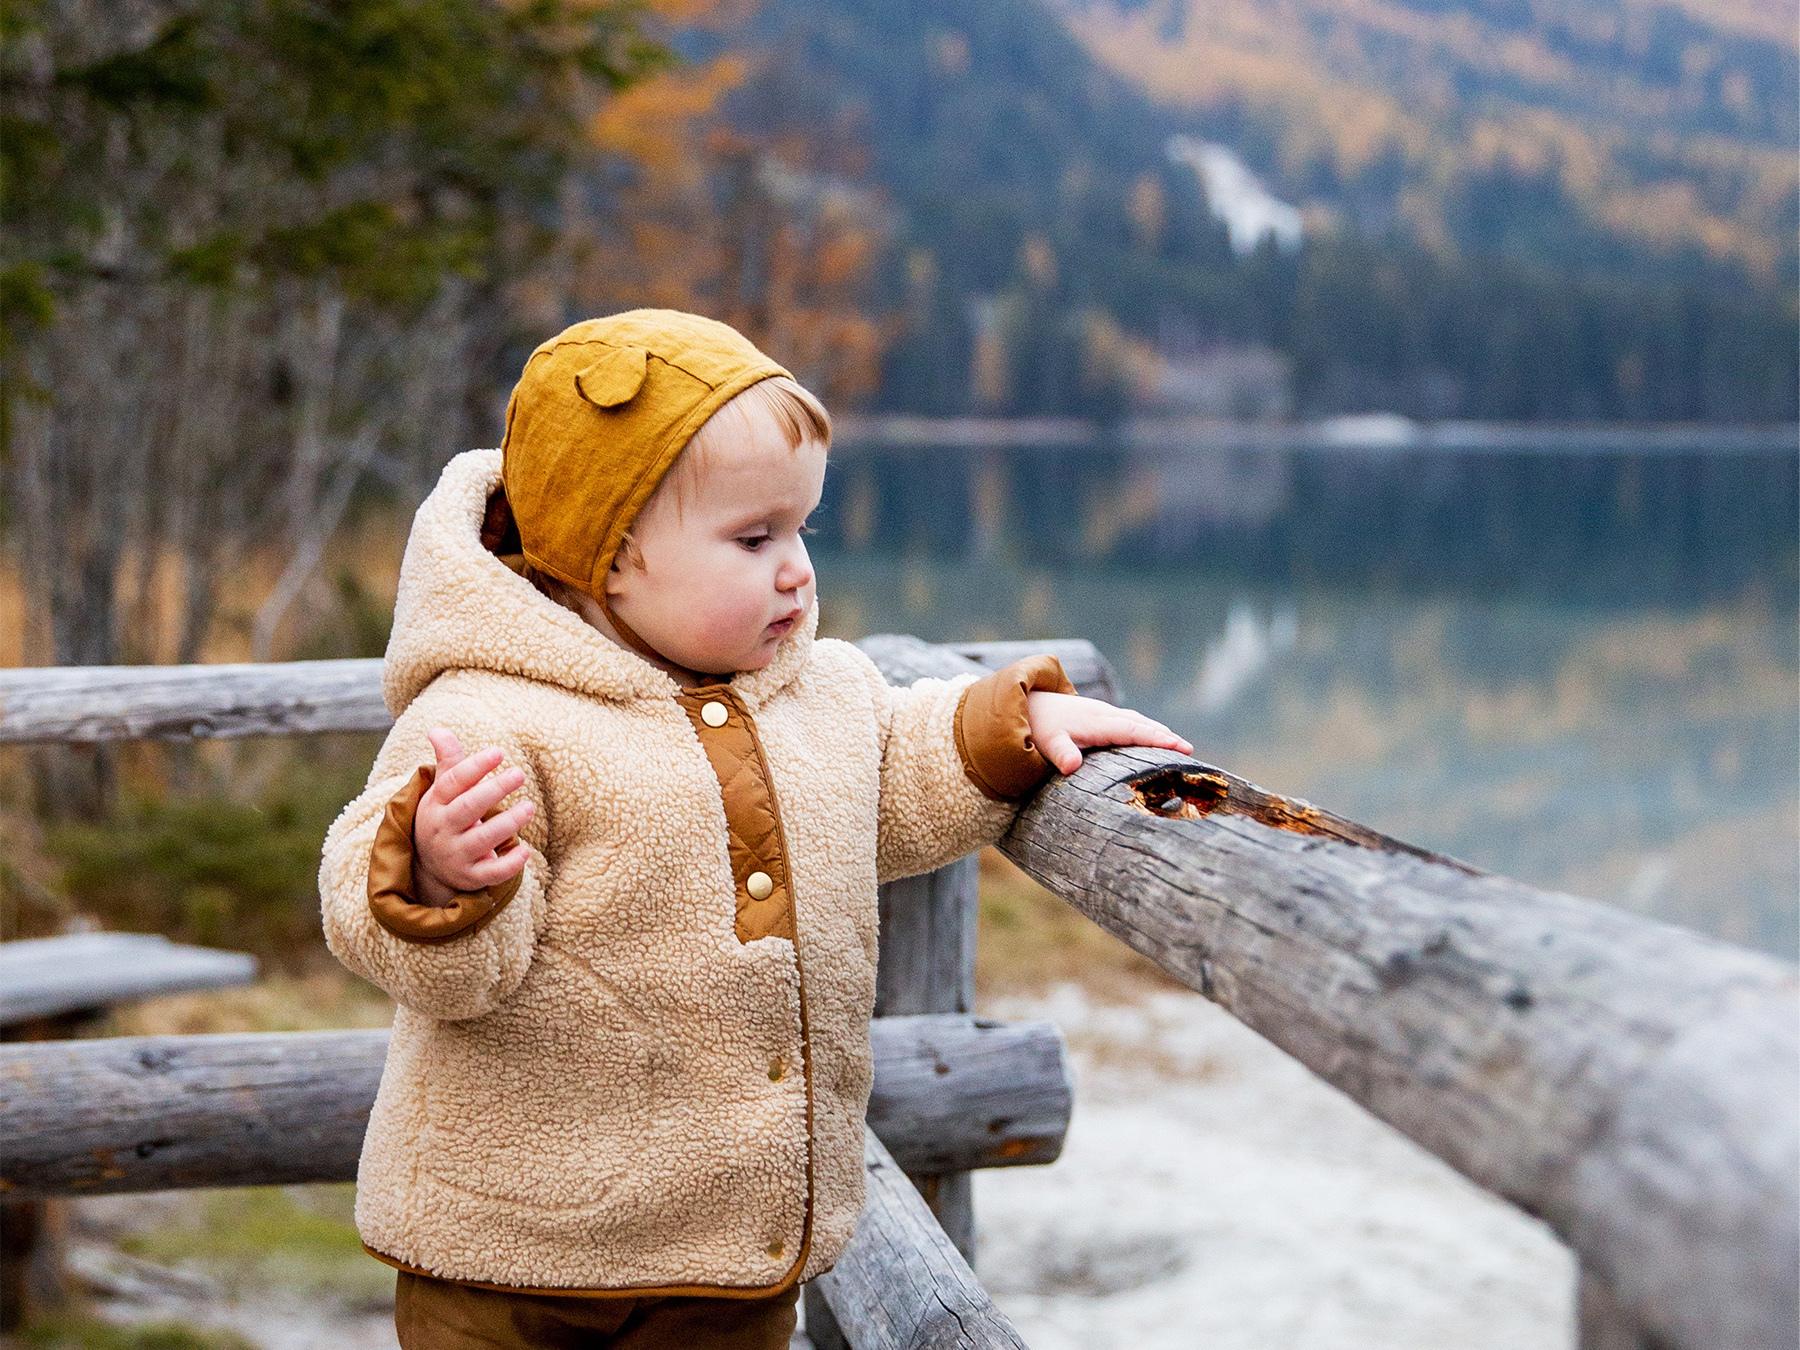 Kiedy zimno to za zimno dla dziecka? Wyjaśniamy, czy duży mróz wyklucza spacery